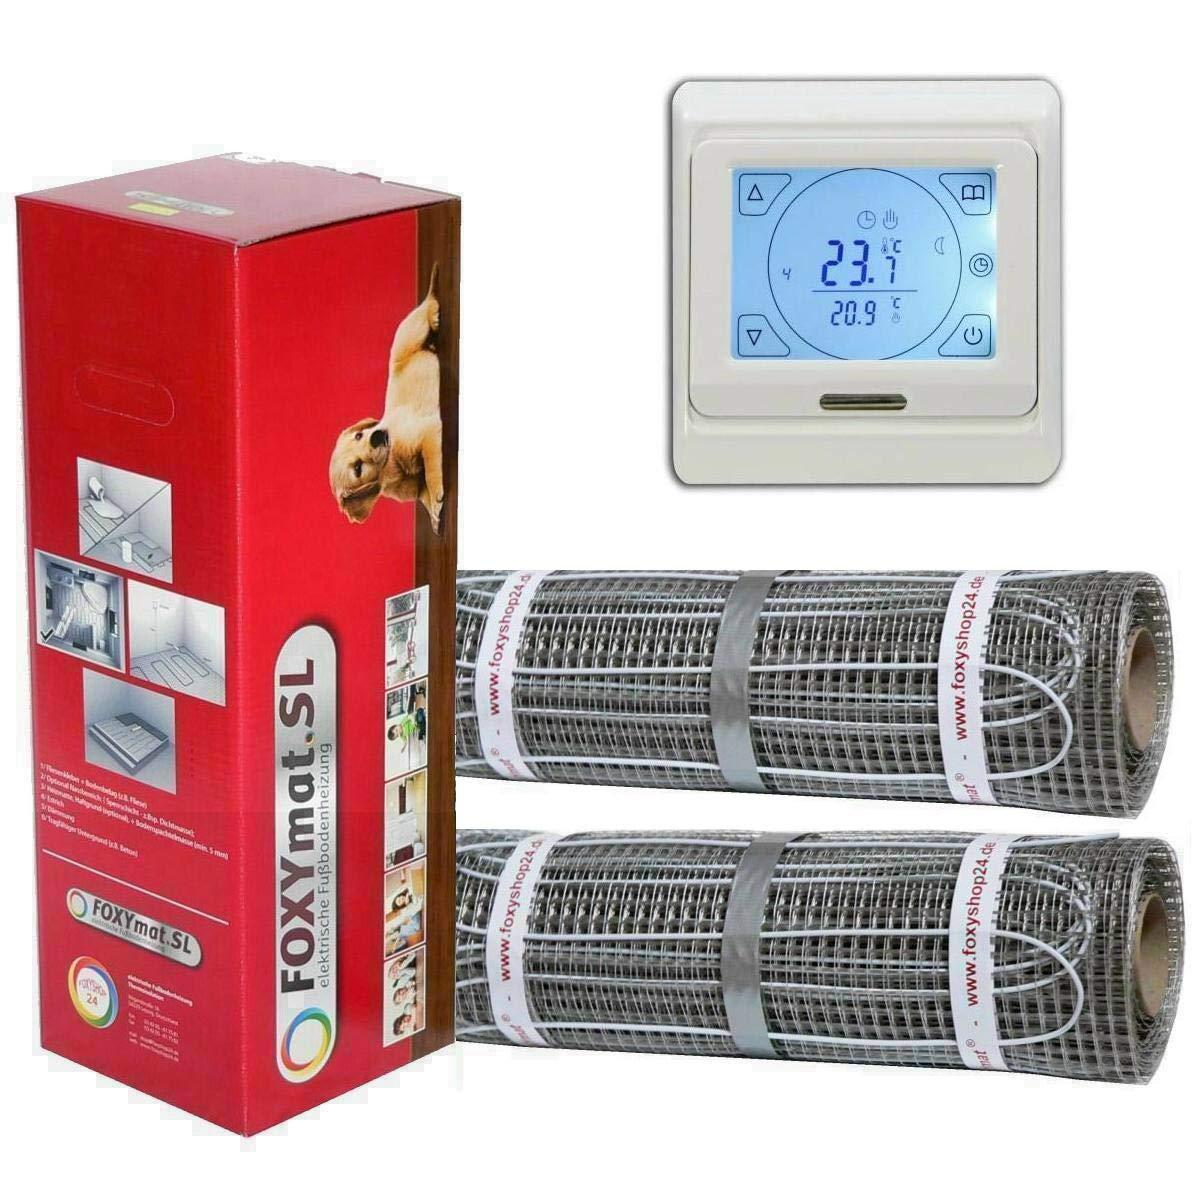 mit Thermostat QM-BLUE-TS,Komplett-Set 4.5 m/² 160 Watt pro m/² 0.5m x 9m FOXYSHOP24-elektrische Fu/ßbodenheizung PREMIUM MARKE FOXYMAT.SL